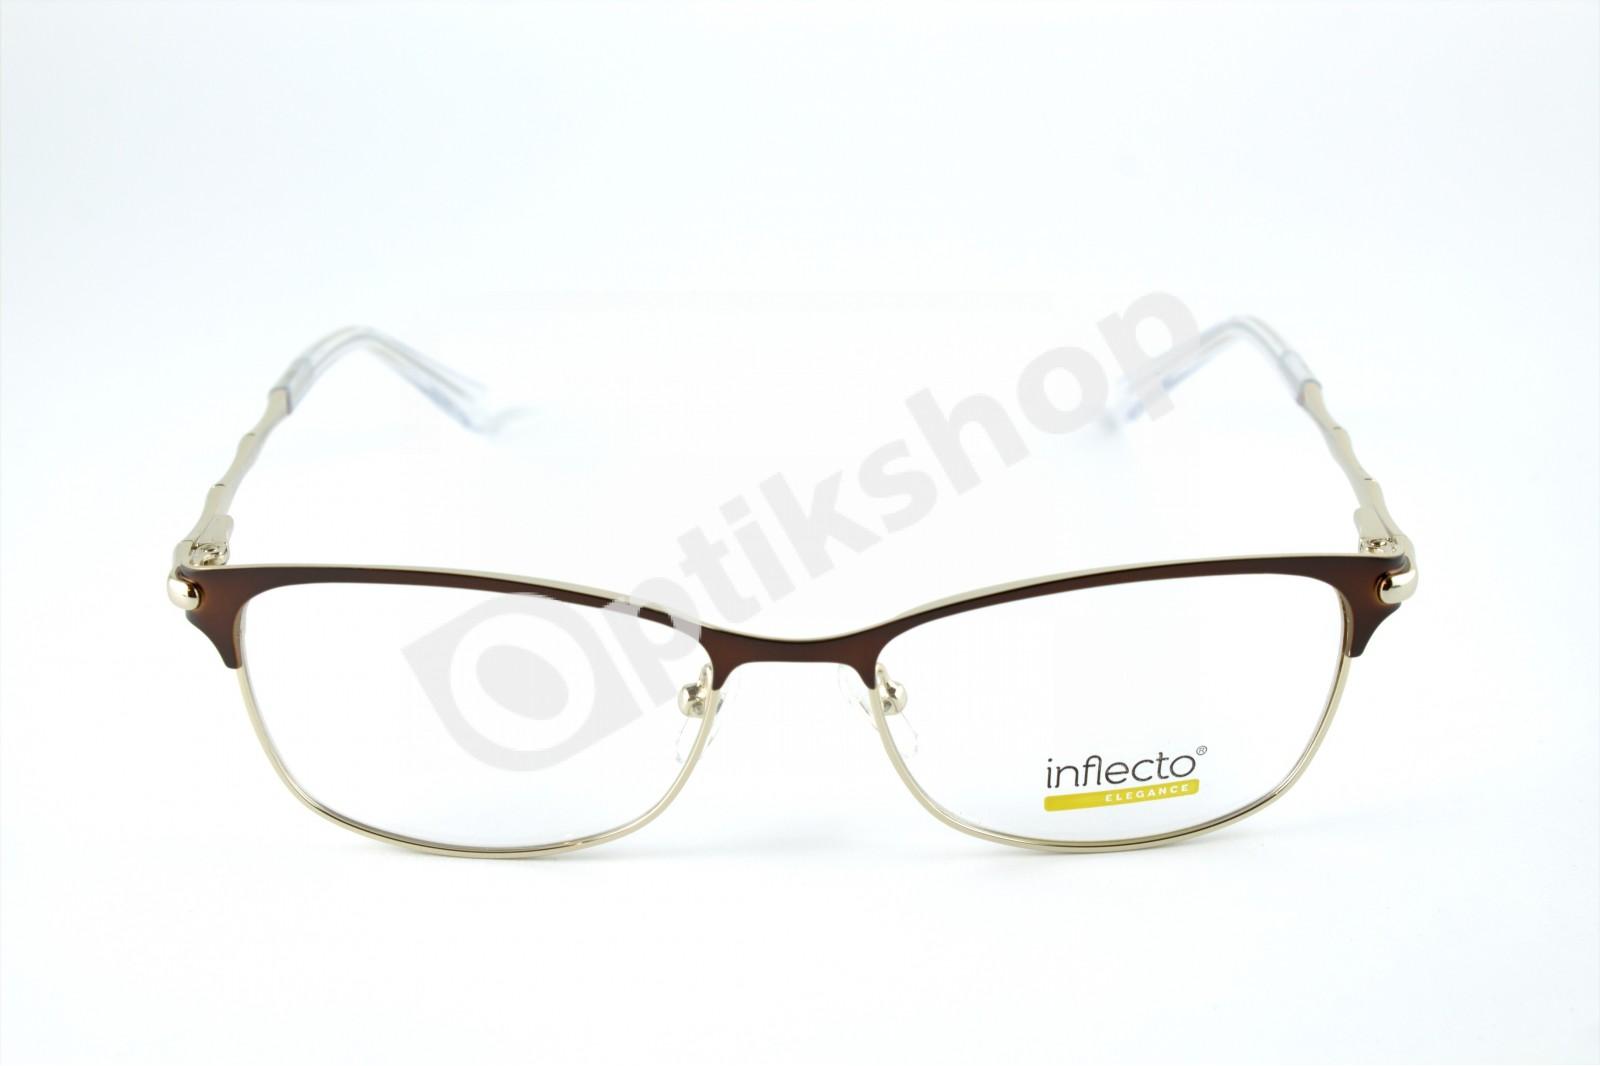 Inflecto Elegance - OXE028 C1 szemüvegkeretek cb9c7609f5